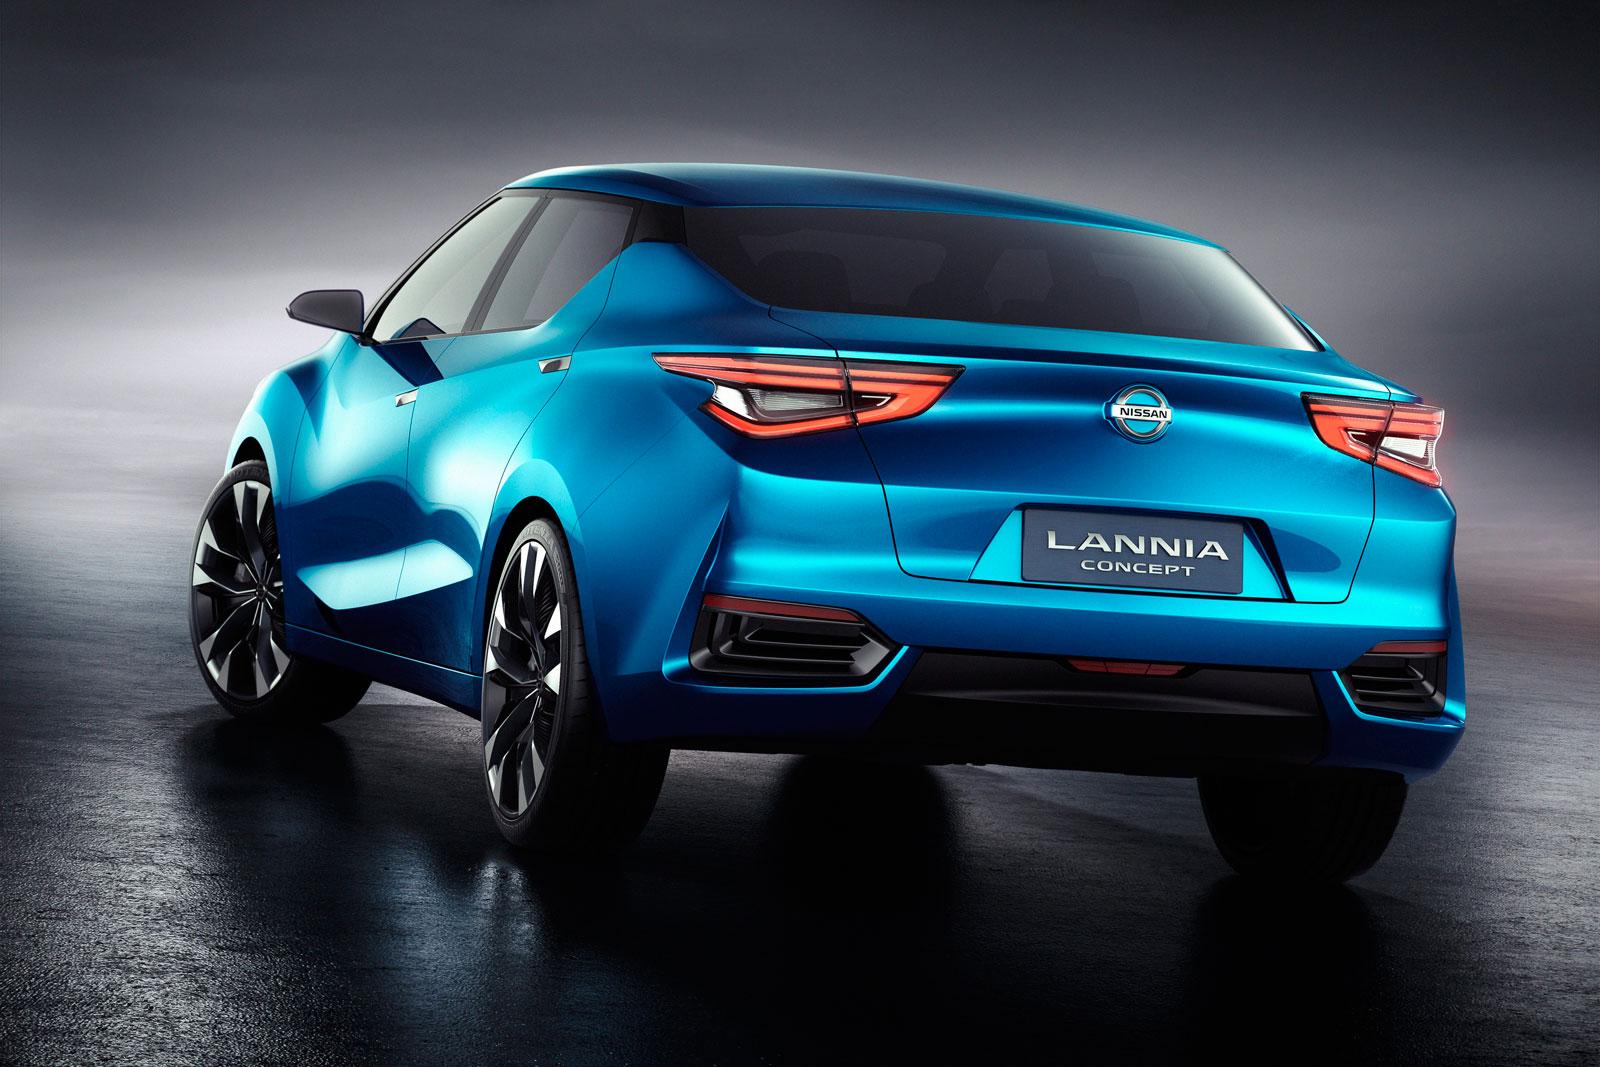 Nissan Lannia Concept - Car Body Design